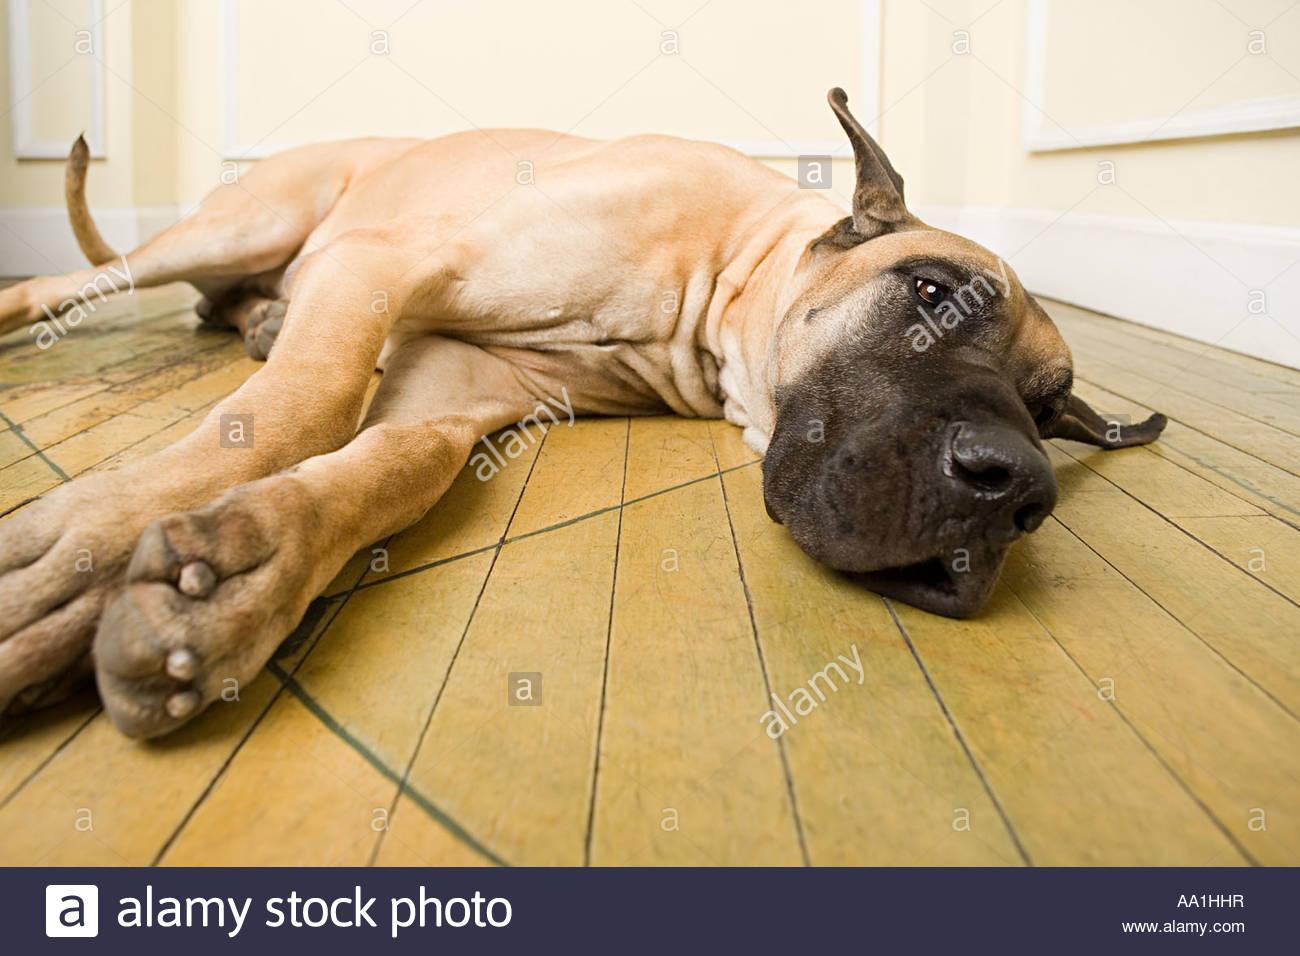 Great dane lying on floor - Stock Image